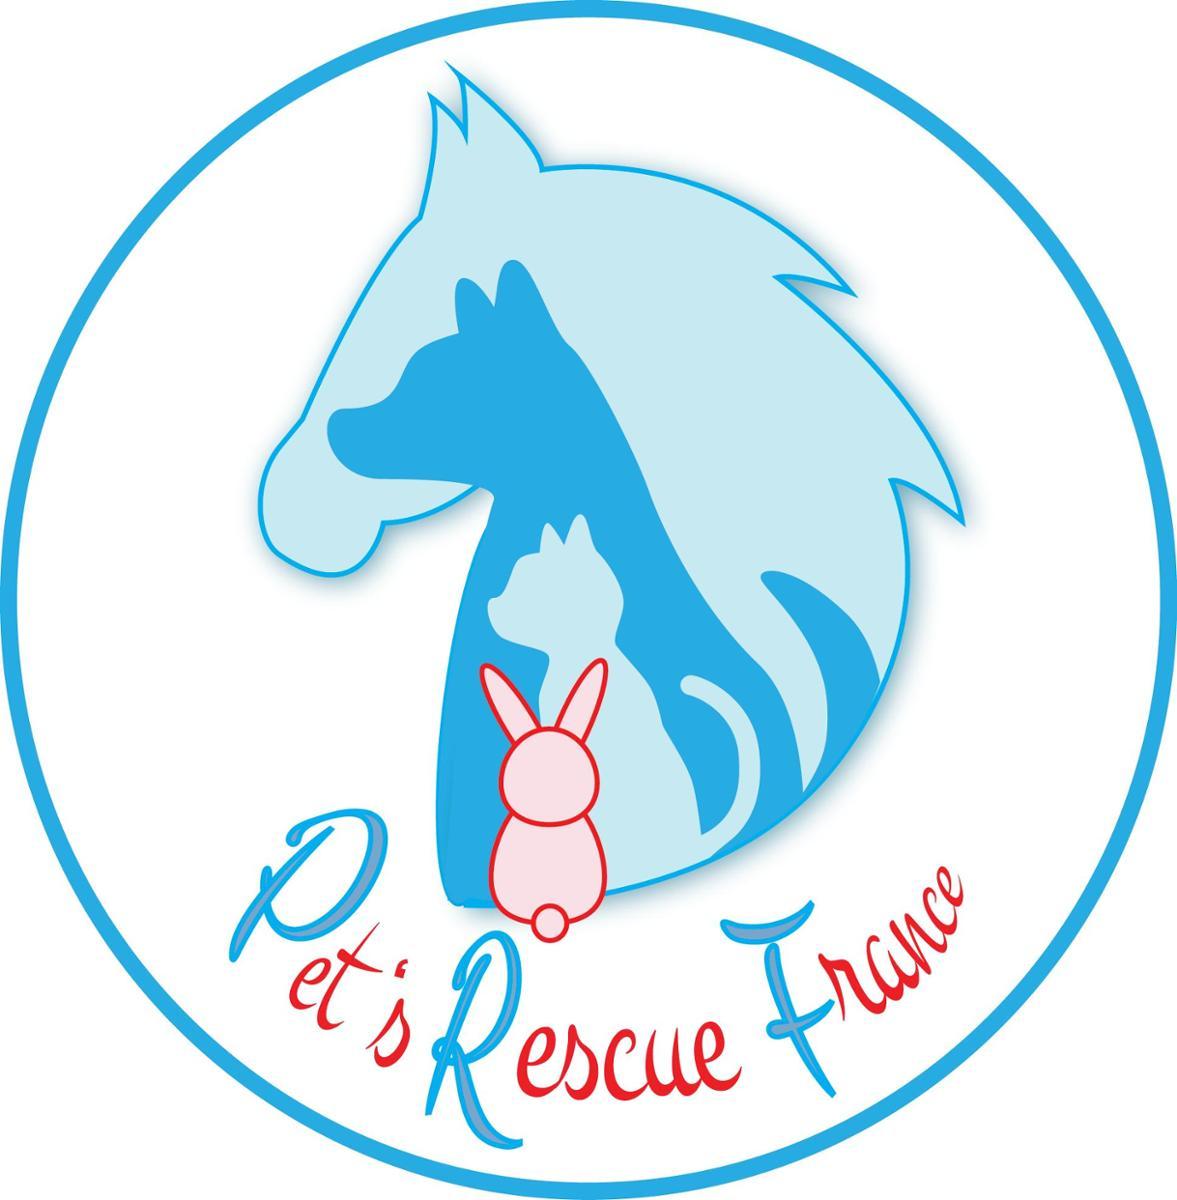 Pet's Rescue France